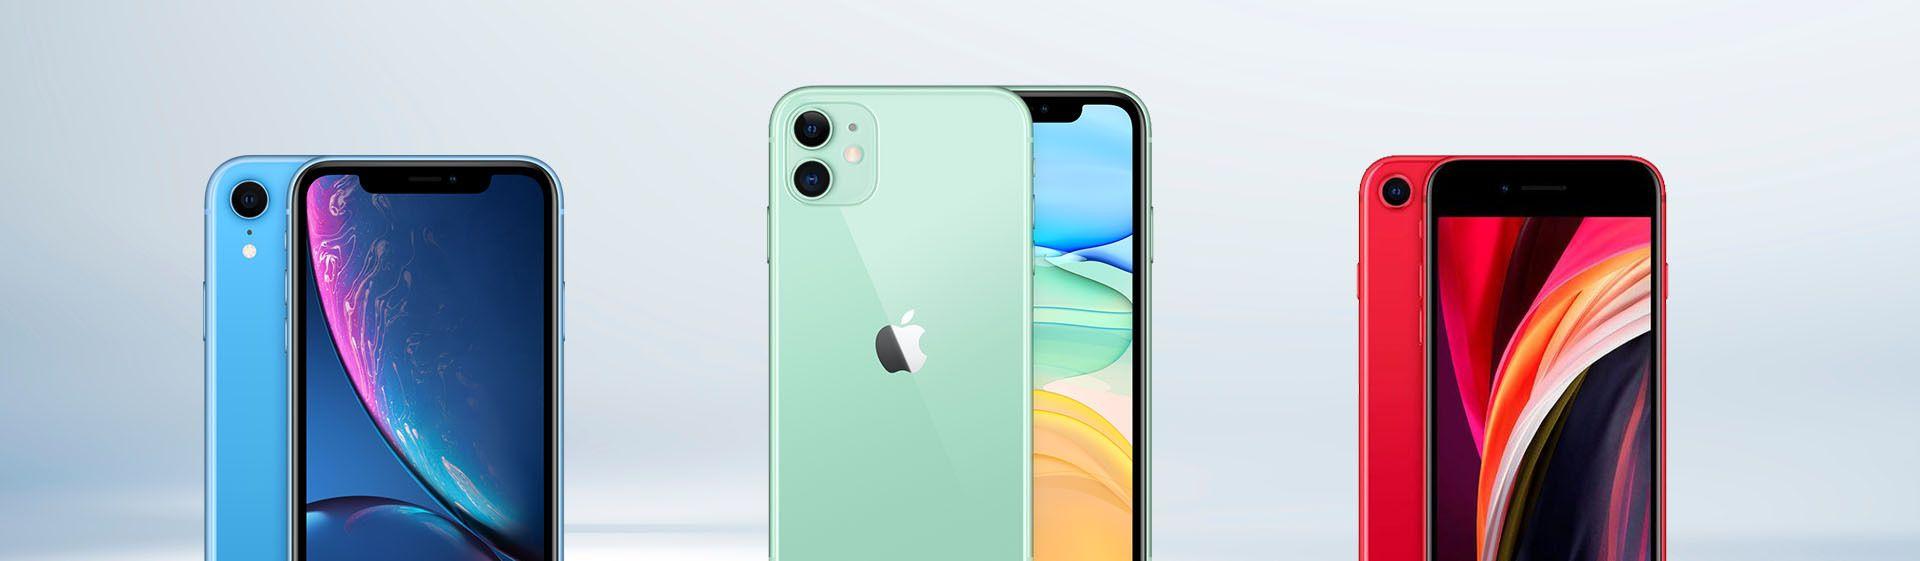 iPhone na Black Friday: qual vale a pena comprar em 2020?